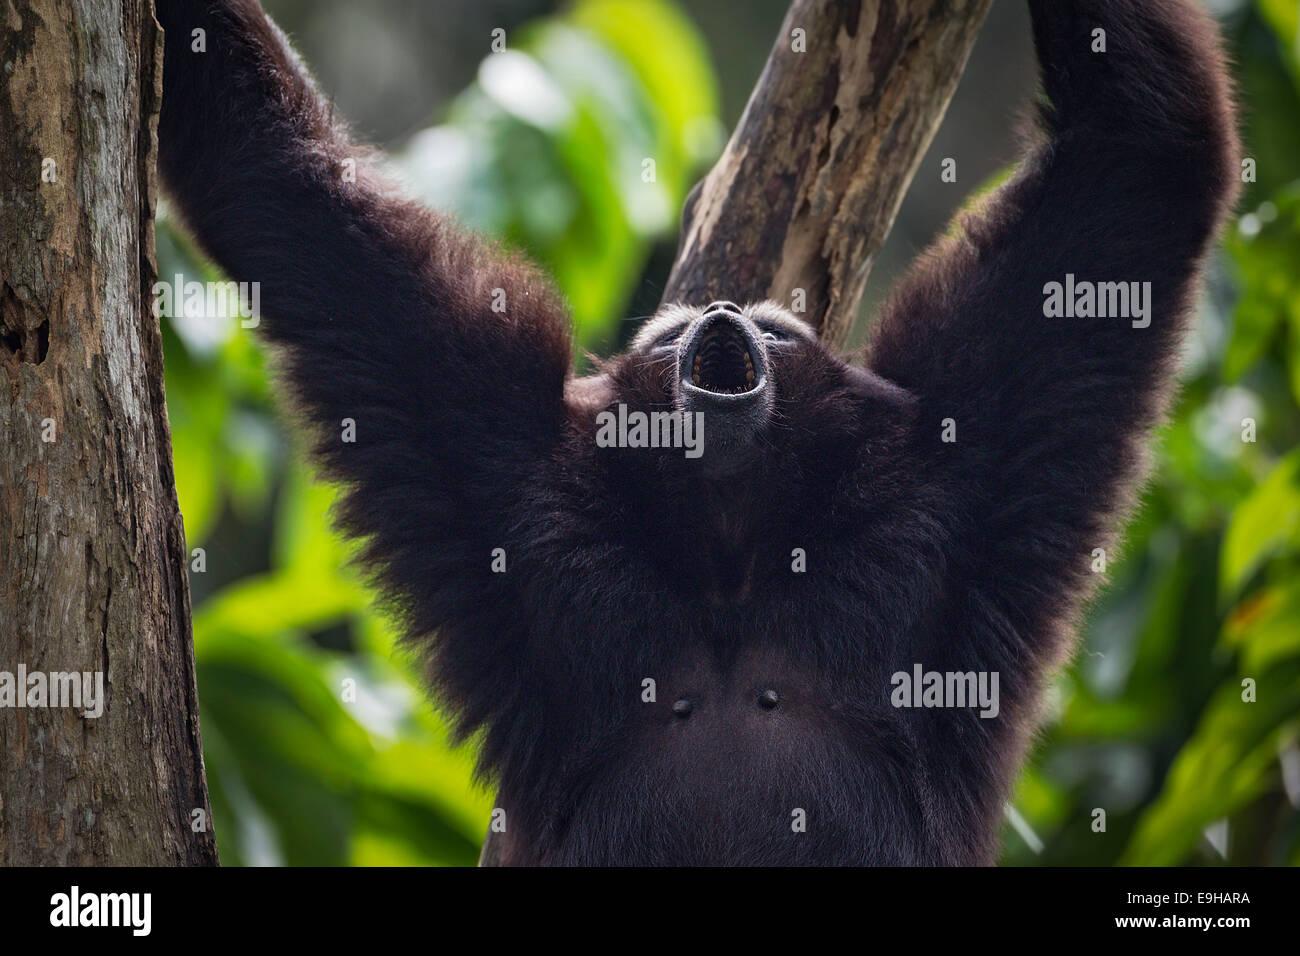 Captive Agile Gibbon (Hylobates agilis) at Singapore Zoo - Stock Image